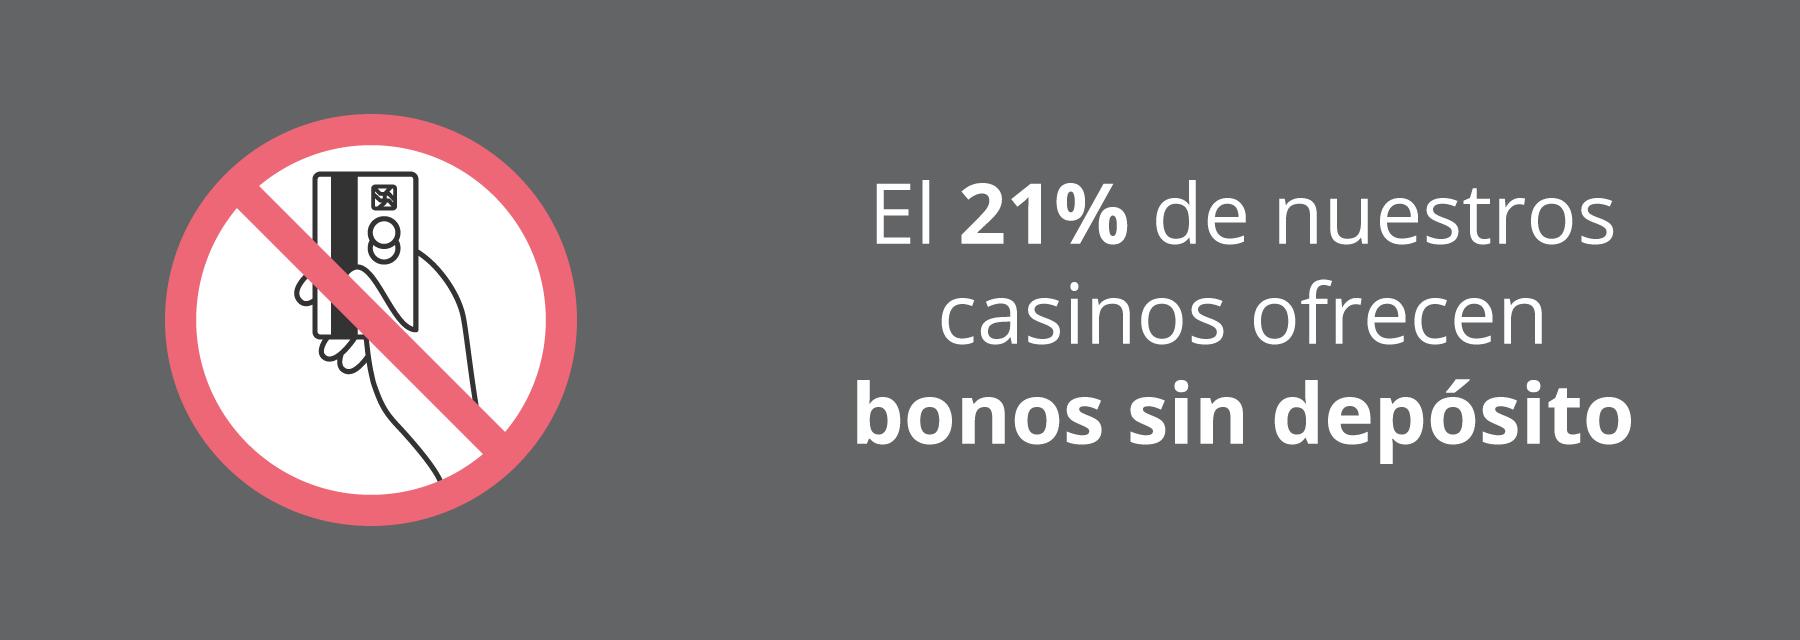 Dónde encontrar bonos gratis para juegos de azar